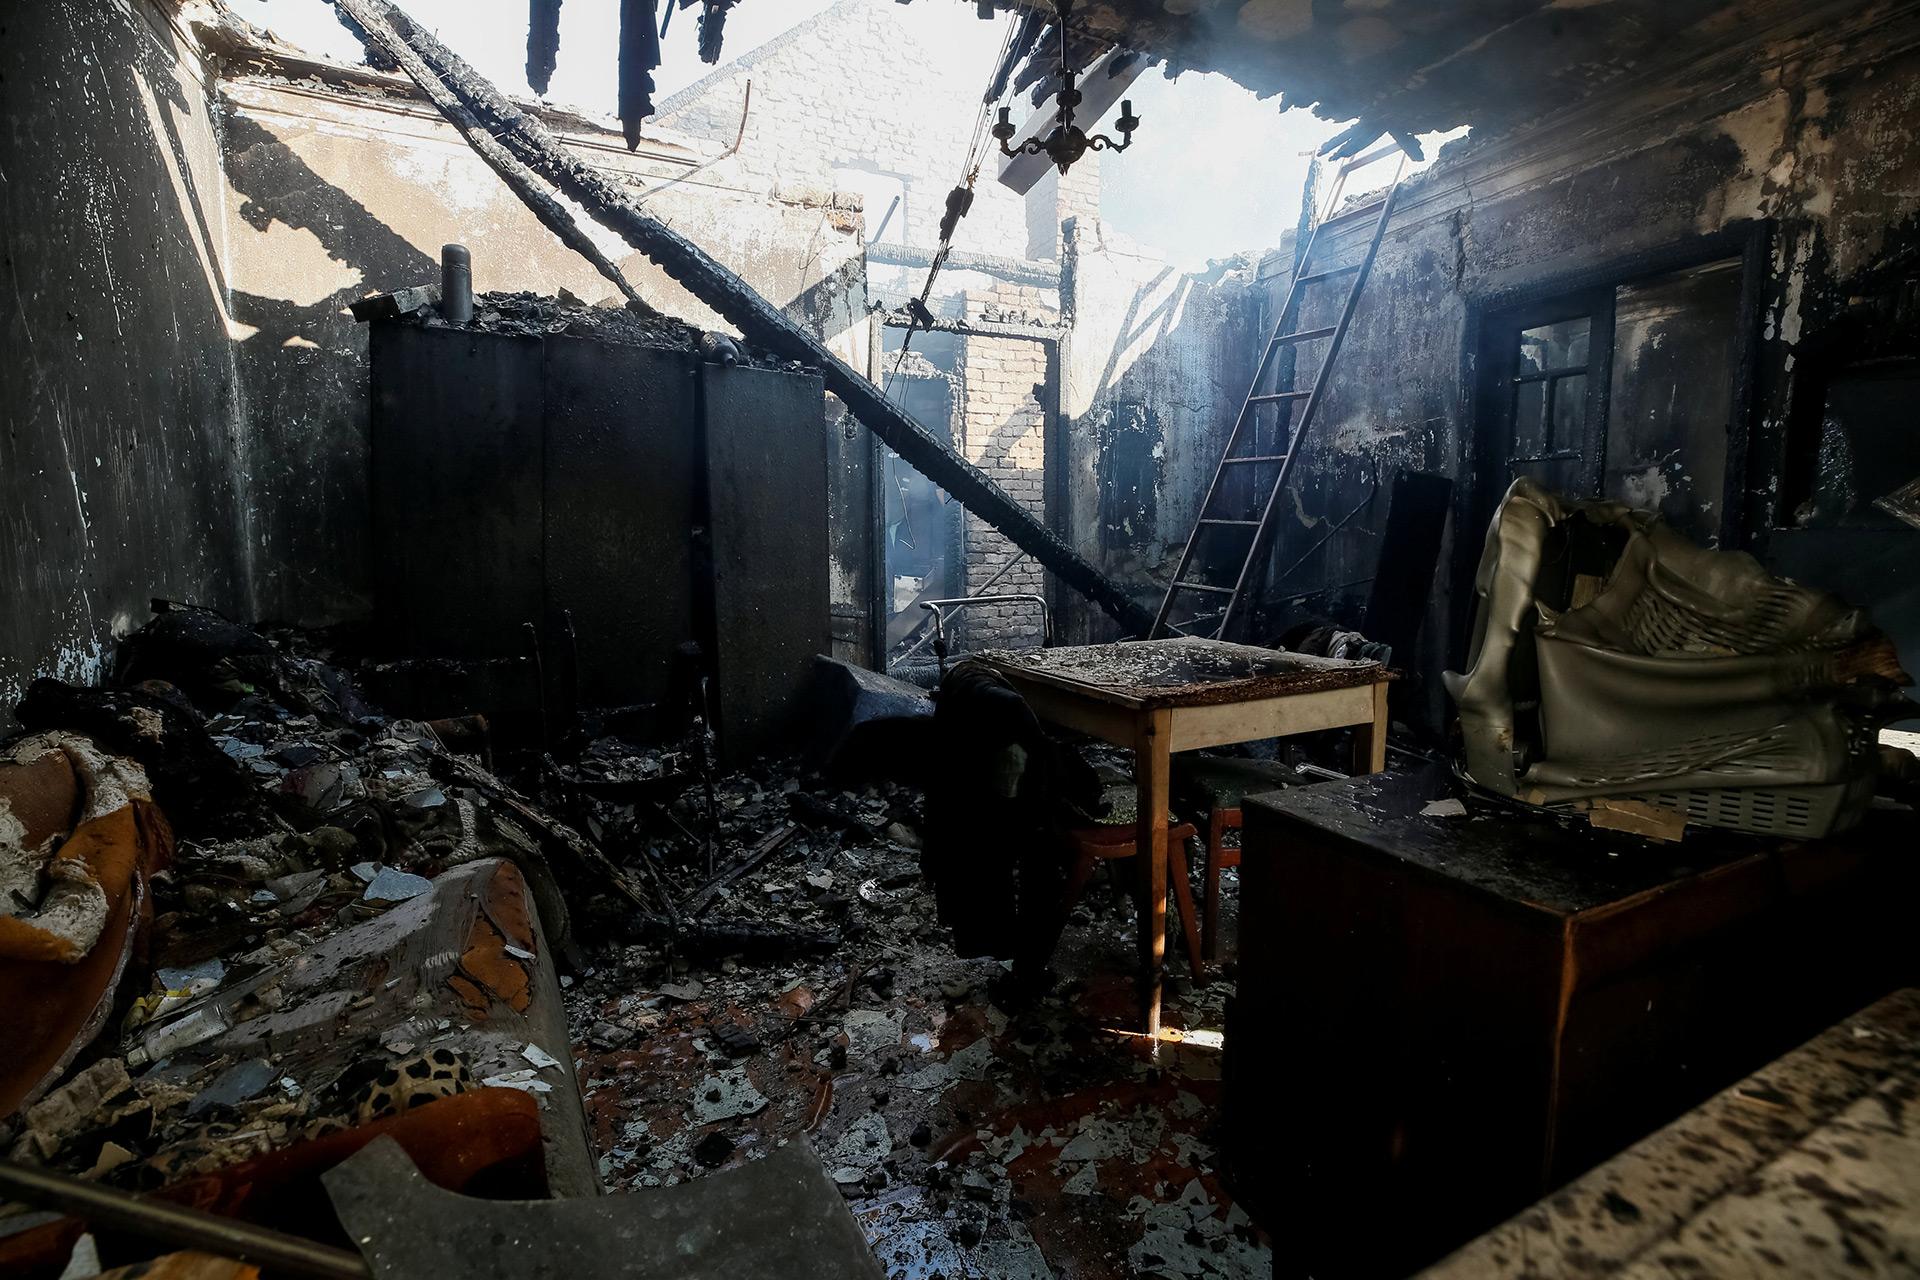 Una de las casas destruidas cerca del almacén de municiones (Reuters)